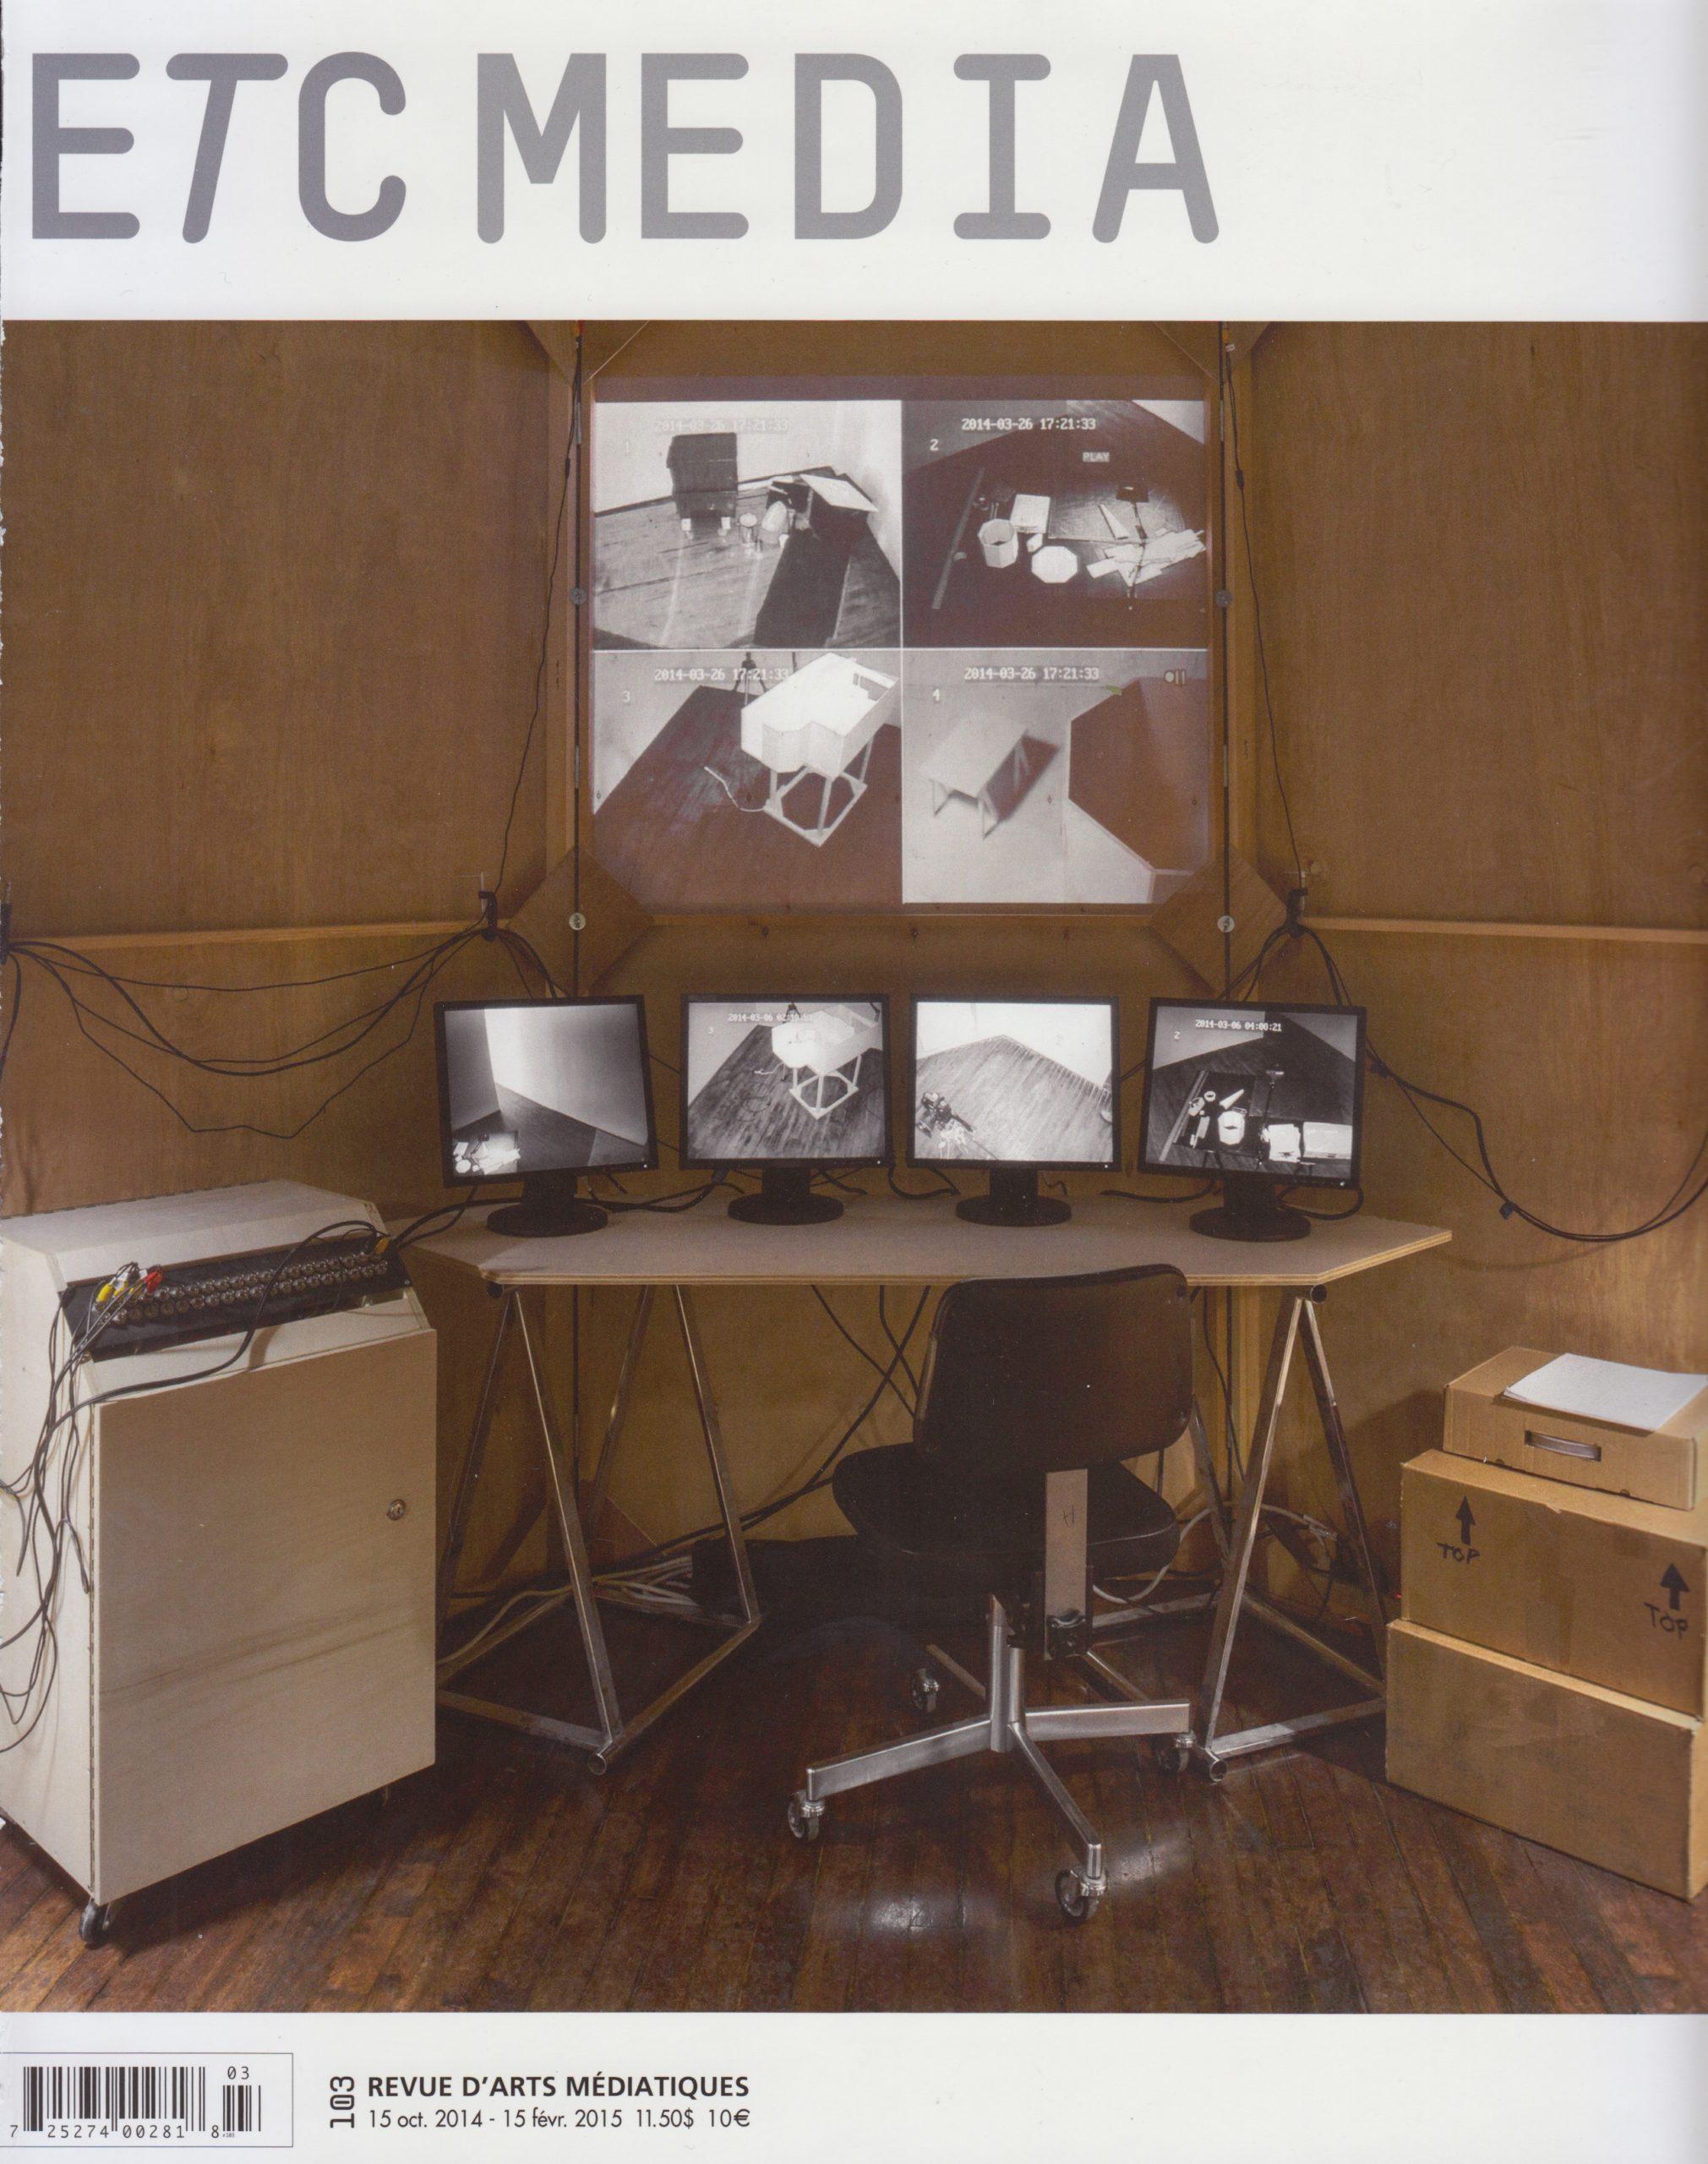 Tables d'écoute de Mario Côté, traduction du musical au pictural, Marie-Claude Lacroix, ETC Media, no 103, 2014